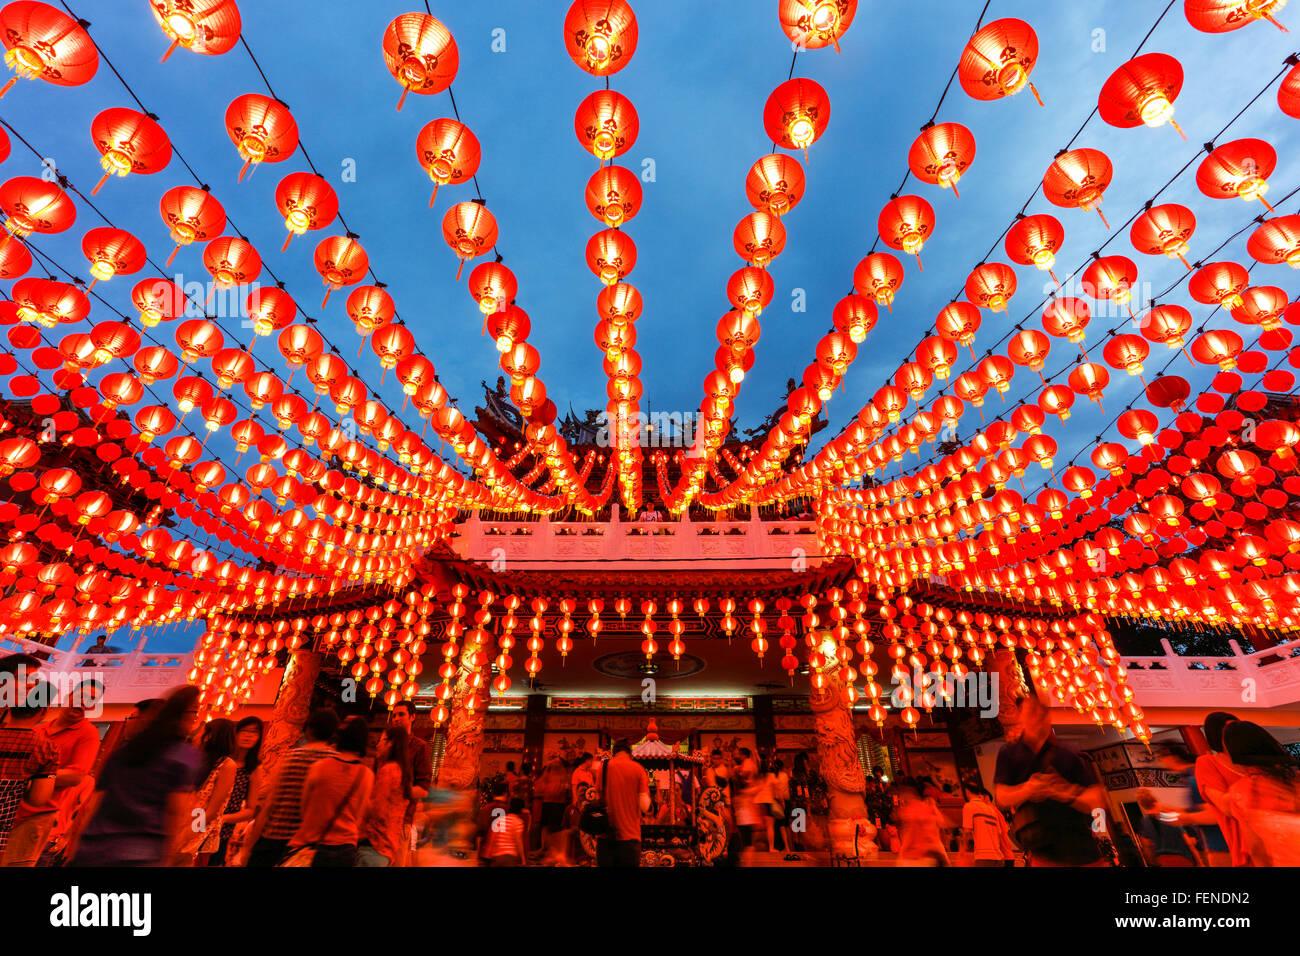 Le lanterne di Thean Hou tempio durante il Nuovo Anno Cinese, Kuala Lumpur, Malesia. Immagini Stock